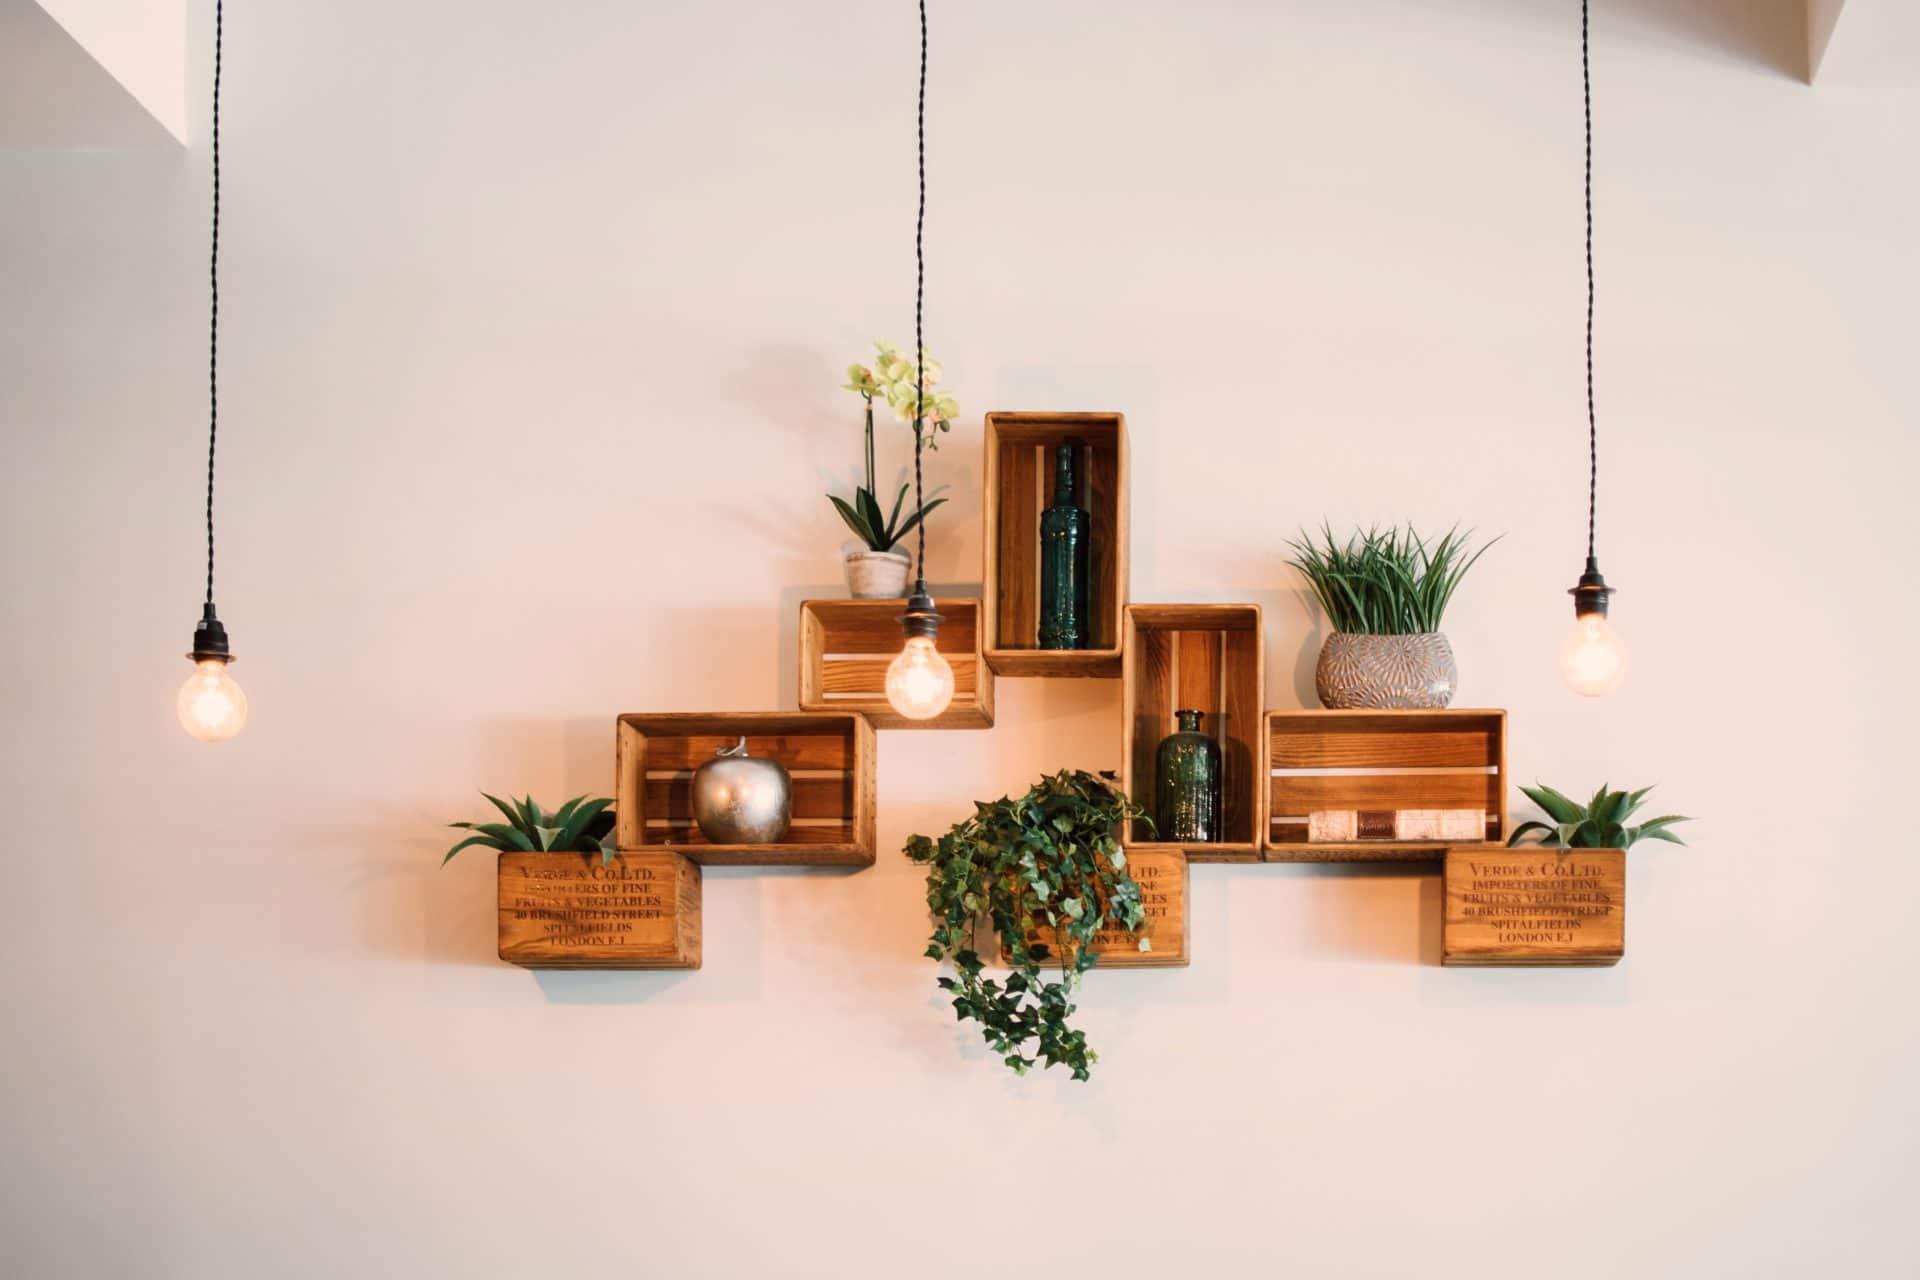 Conseils pour rendre l'éclairage de votre maison moins agressif